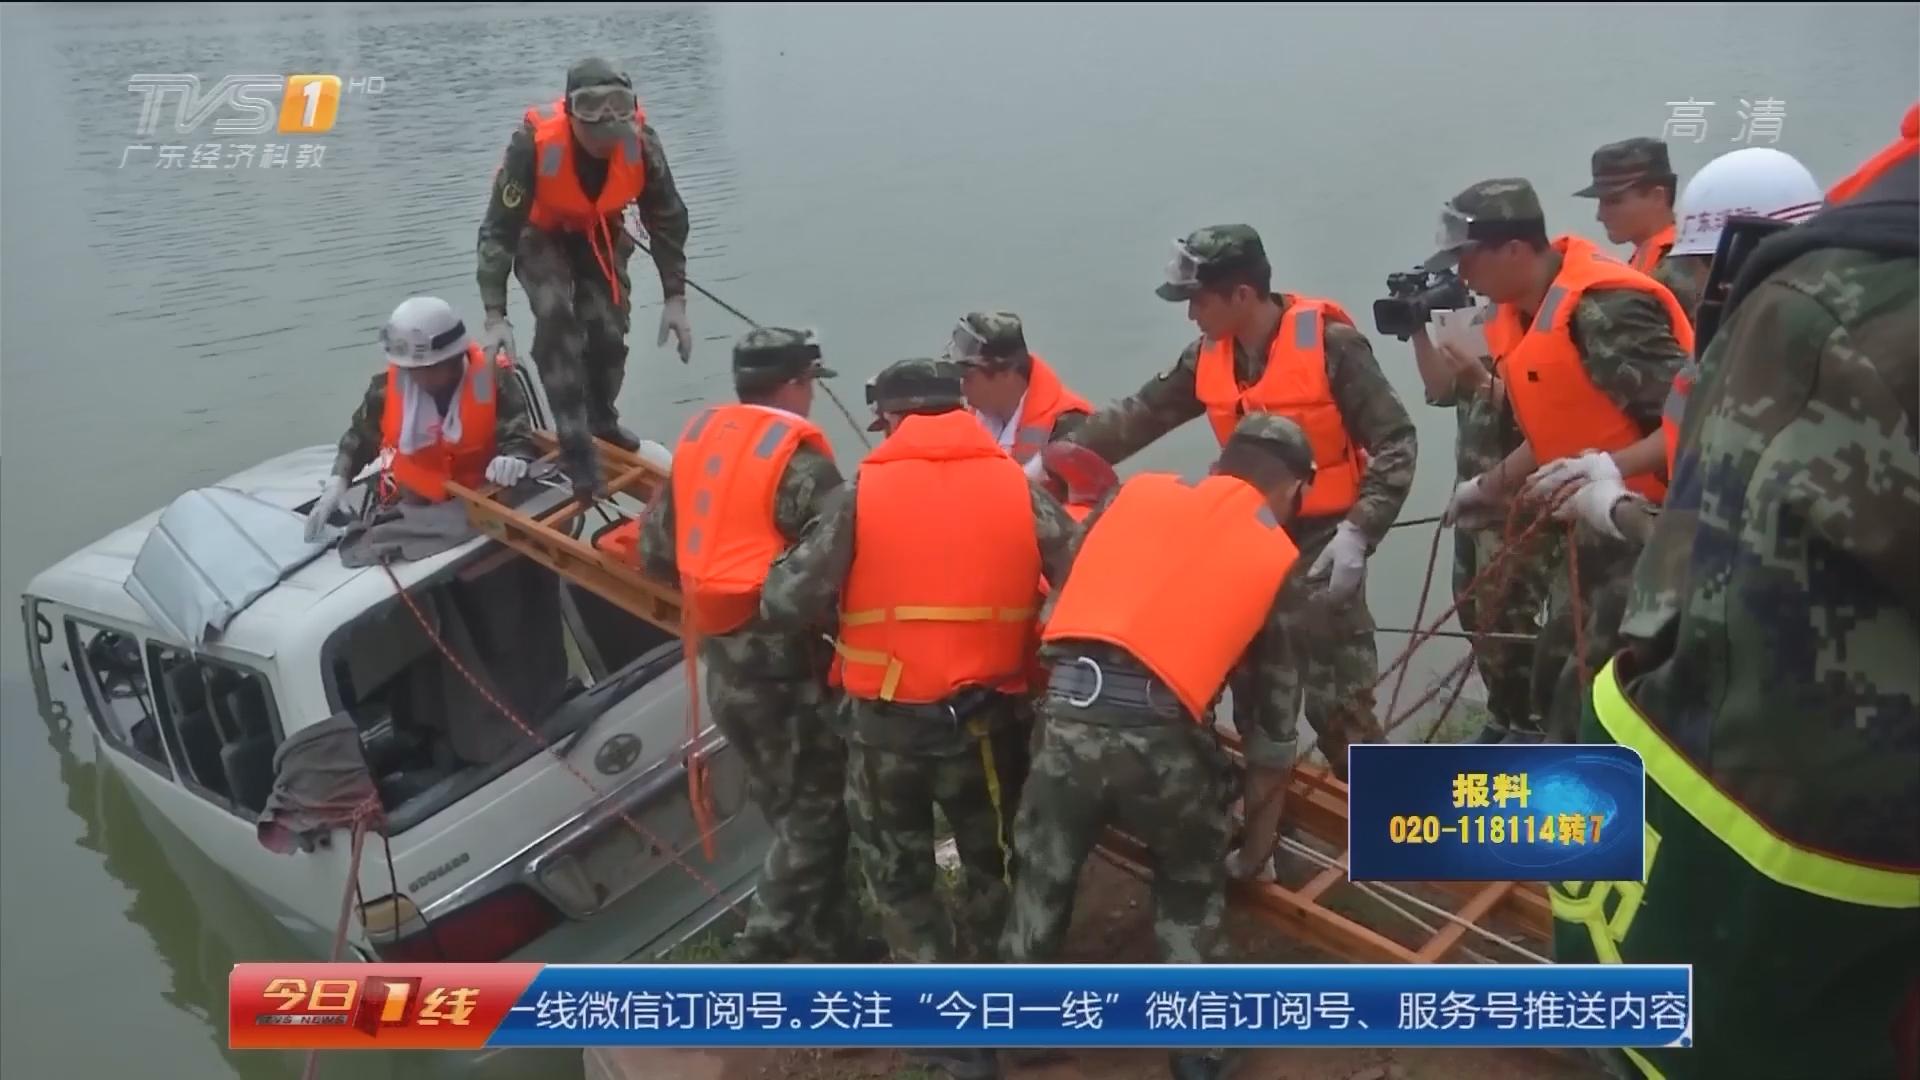 佛山三水区:汛期临近 省消防组织抗洪抢险演练